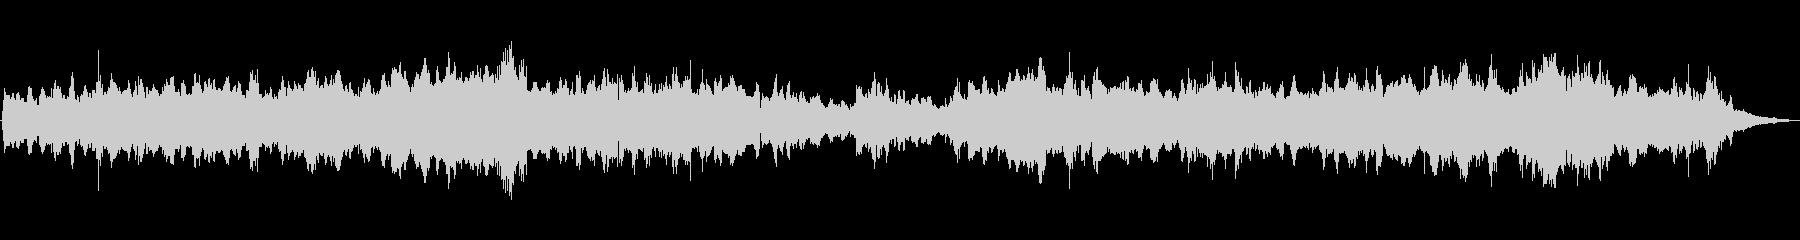 エレピのしっとりとしたバラード曲の未再生の波形